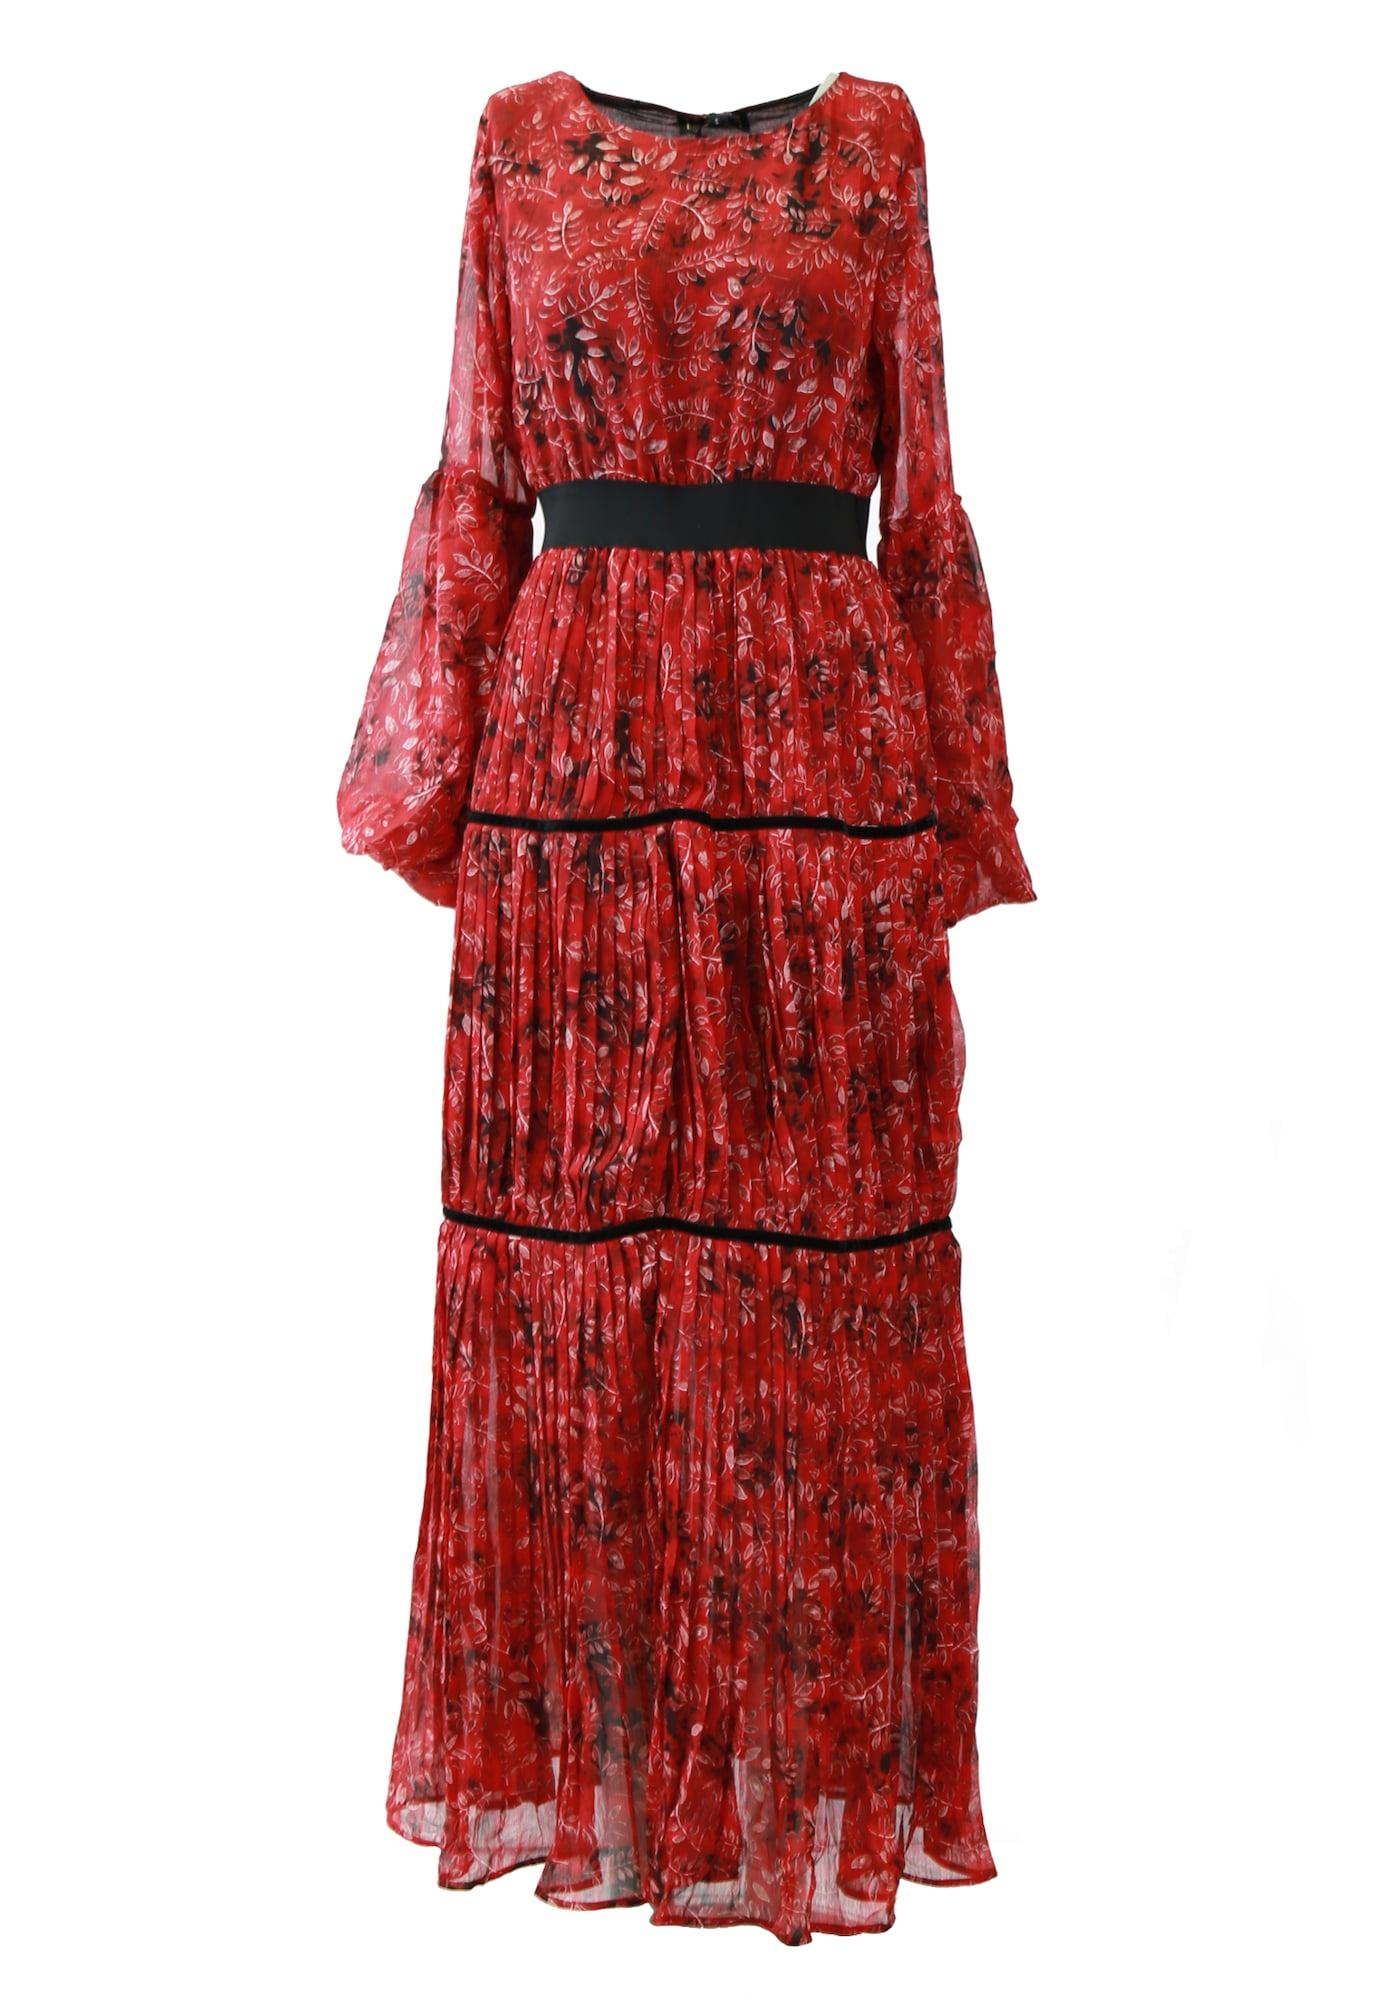 faina Suknelė raudona / juoda / perlų balta